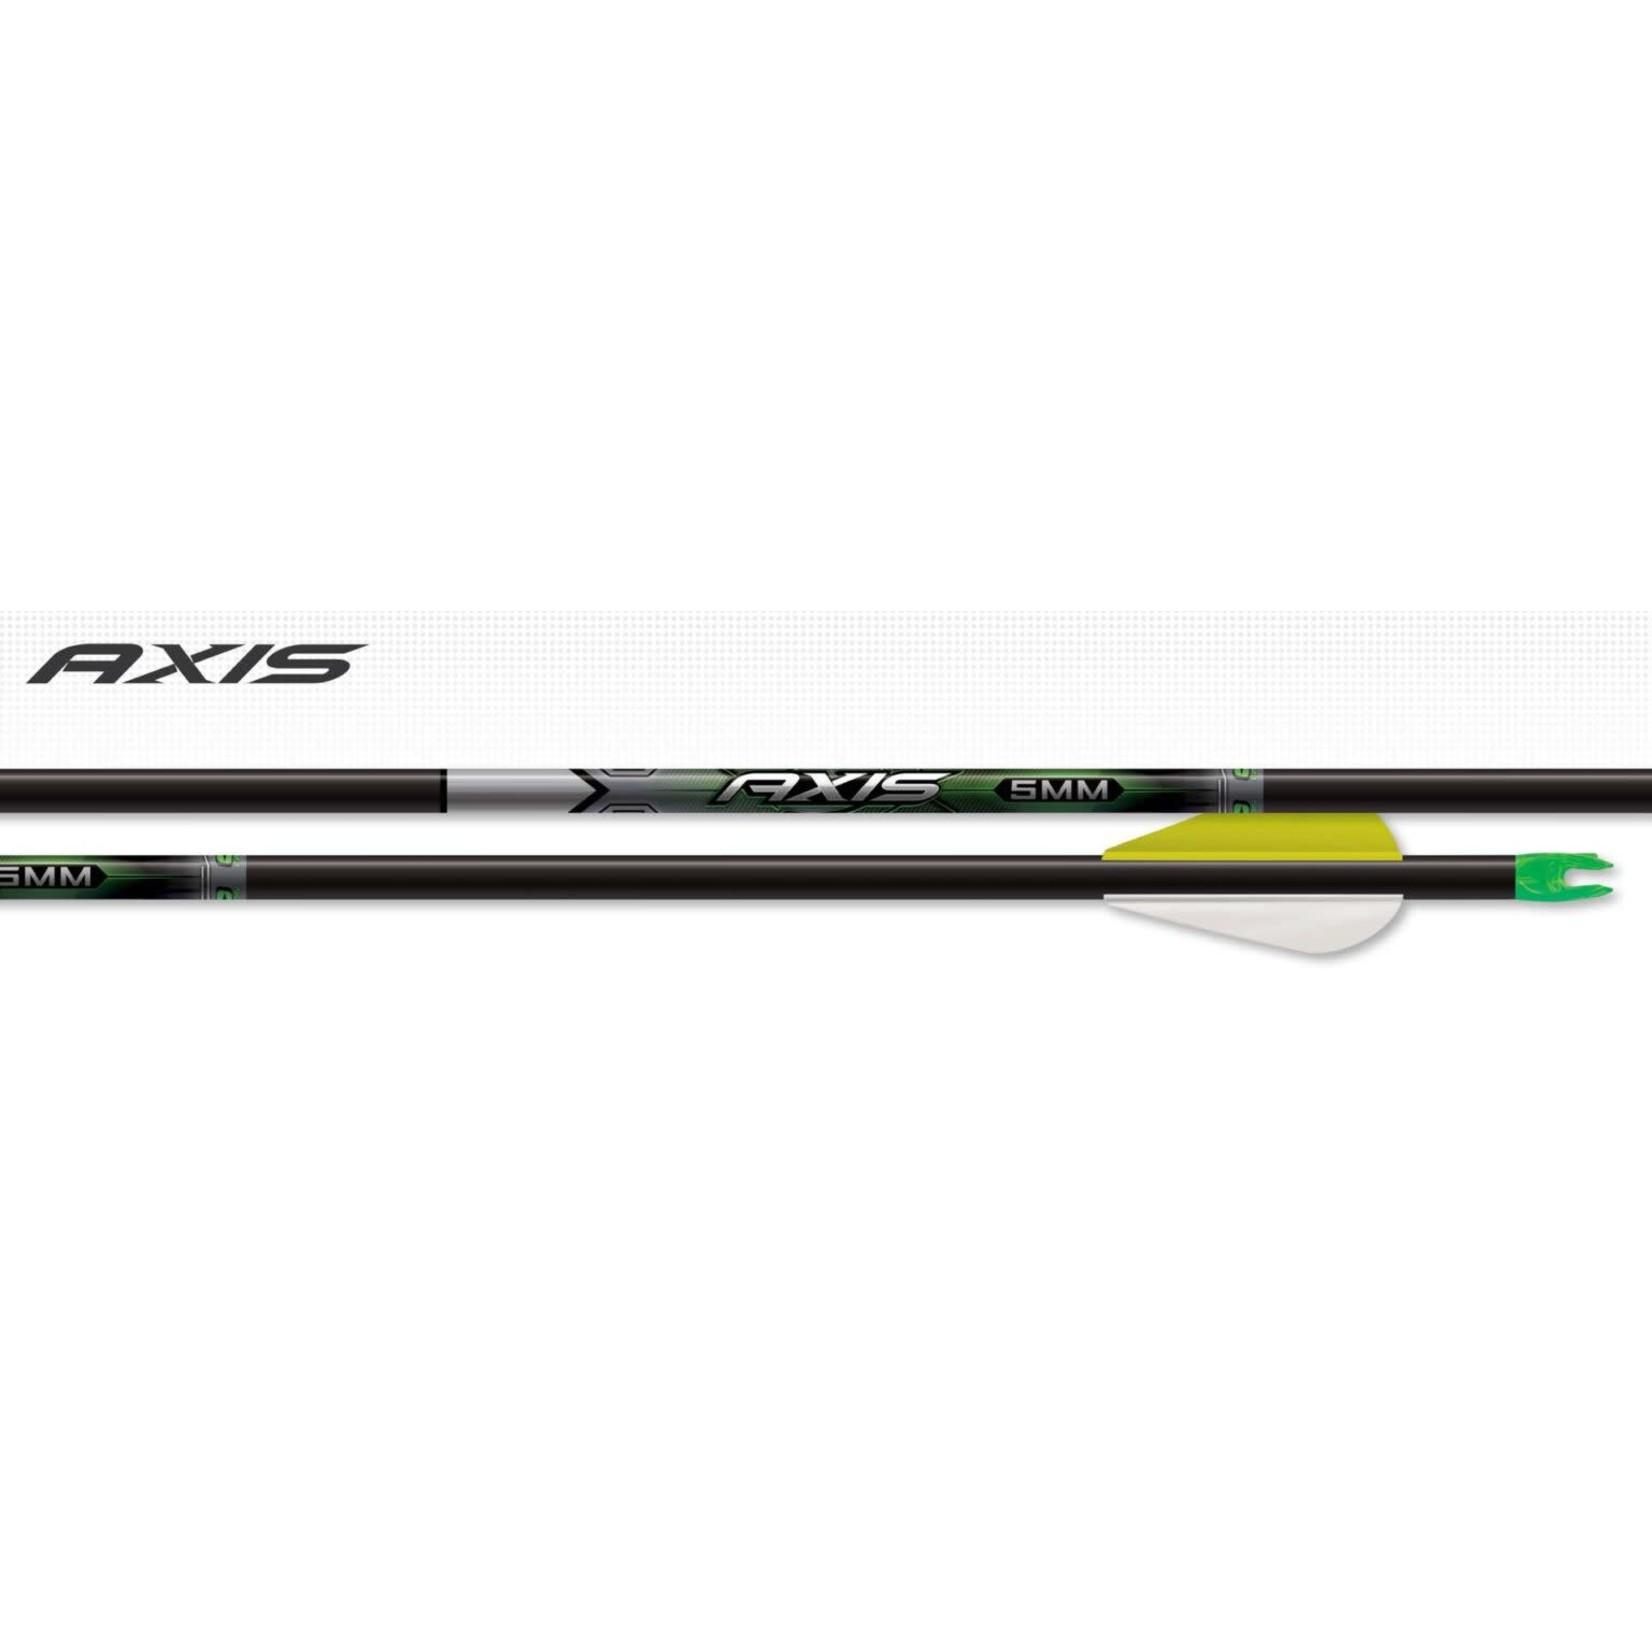 Easton Easton Axis 5mm Arrows 400 (1/2 doz)